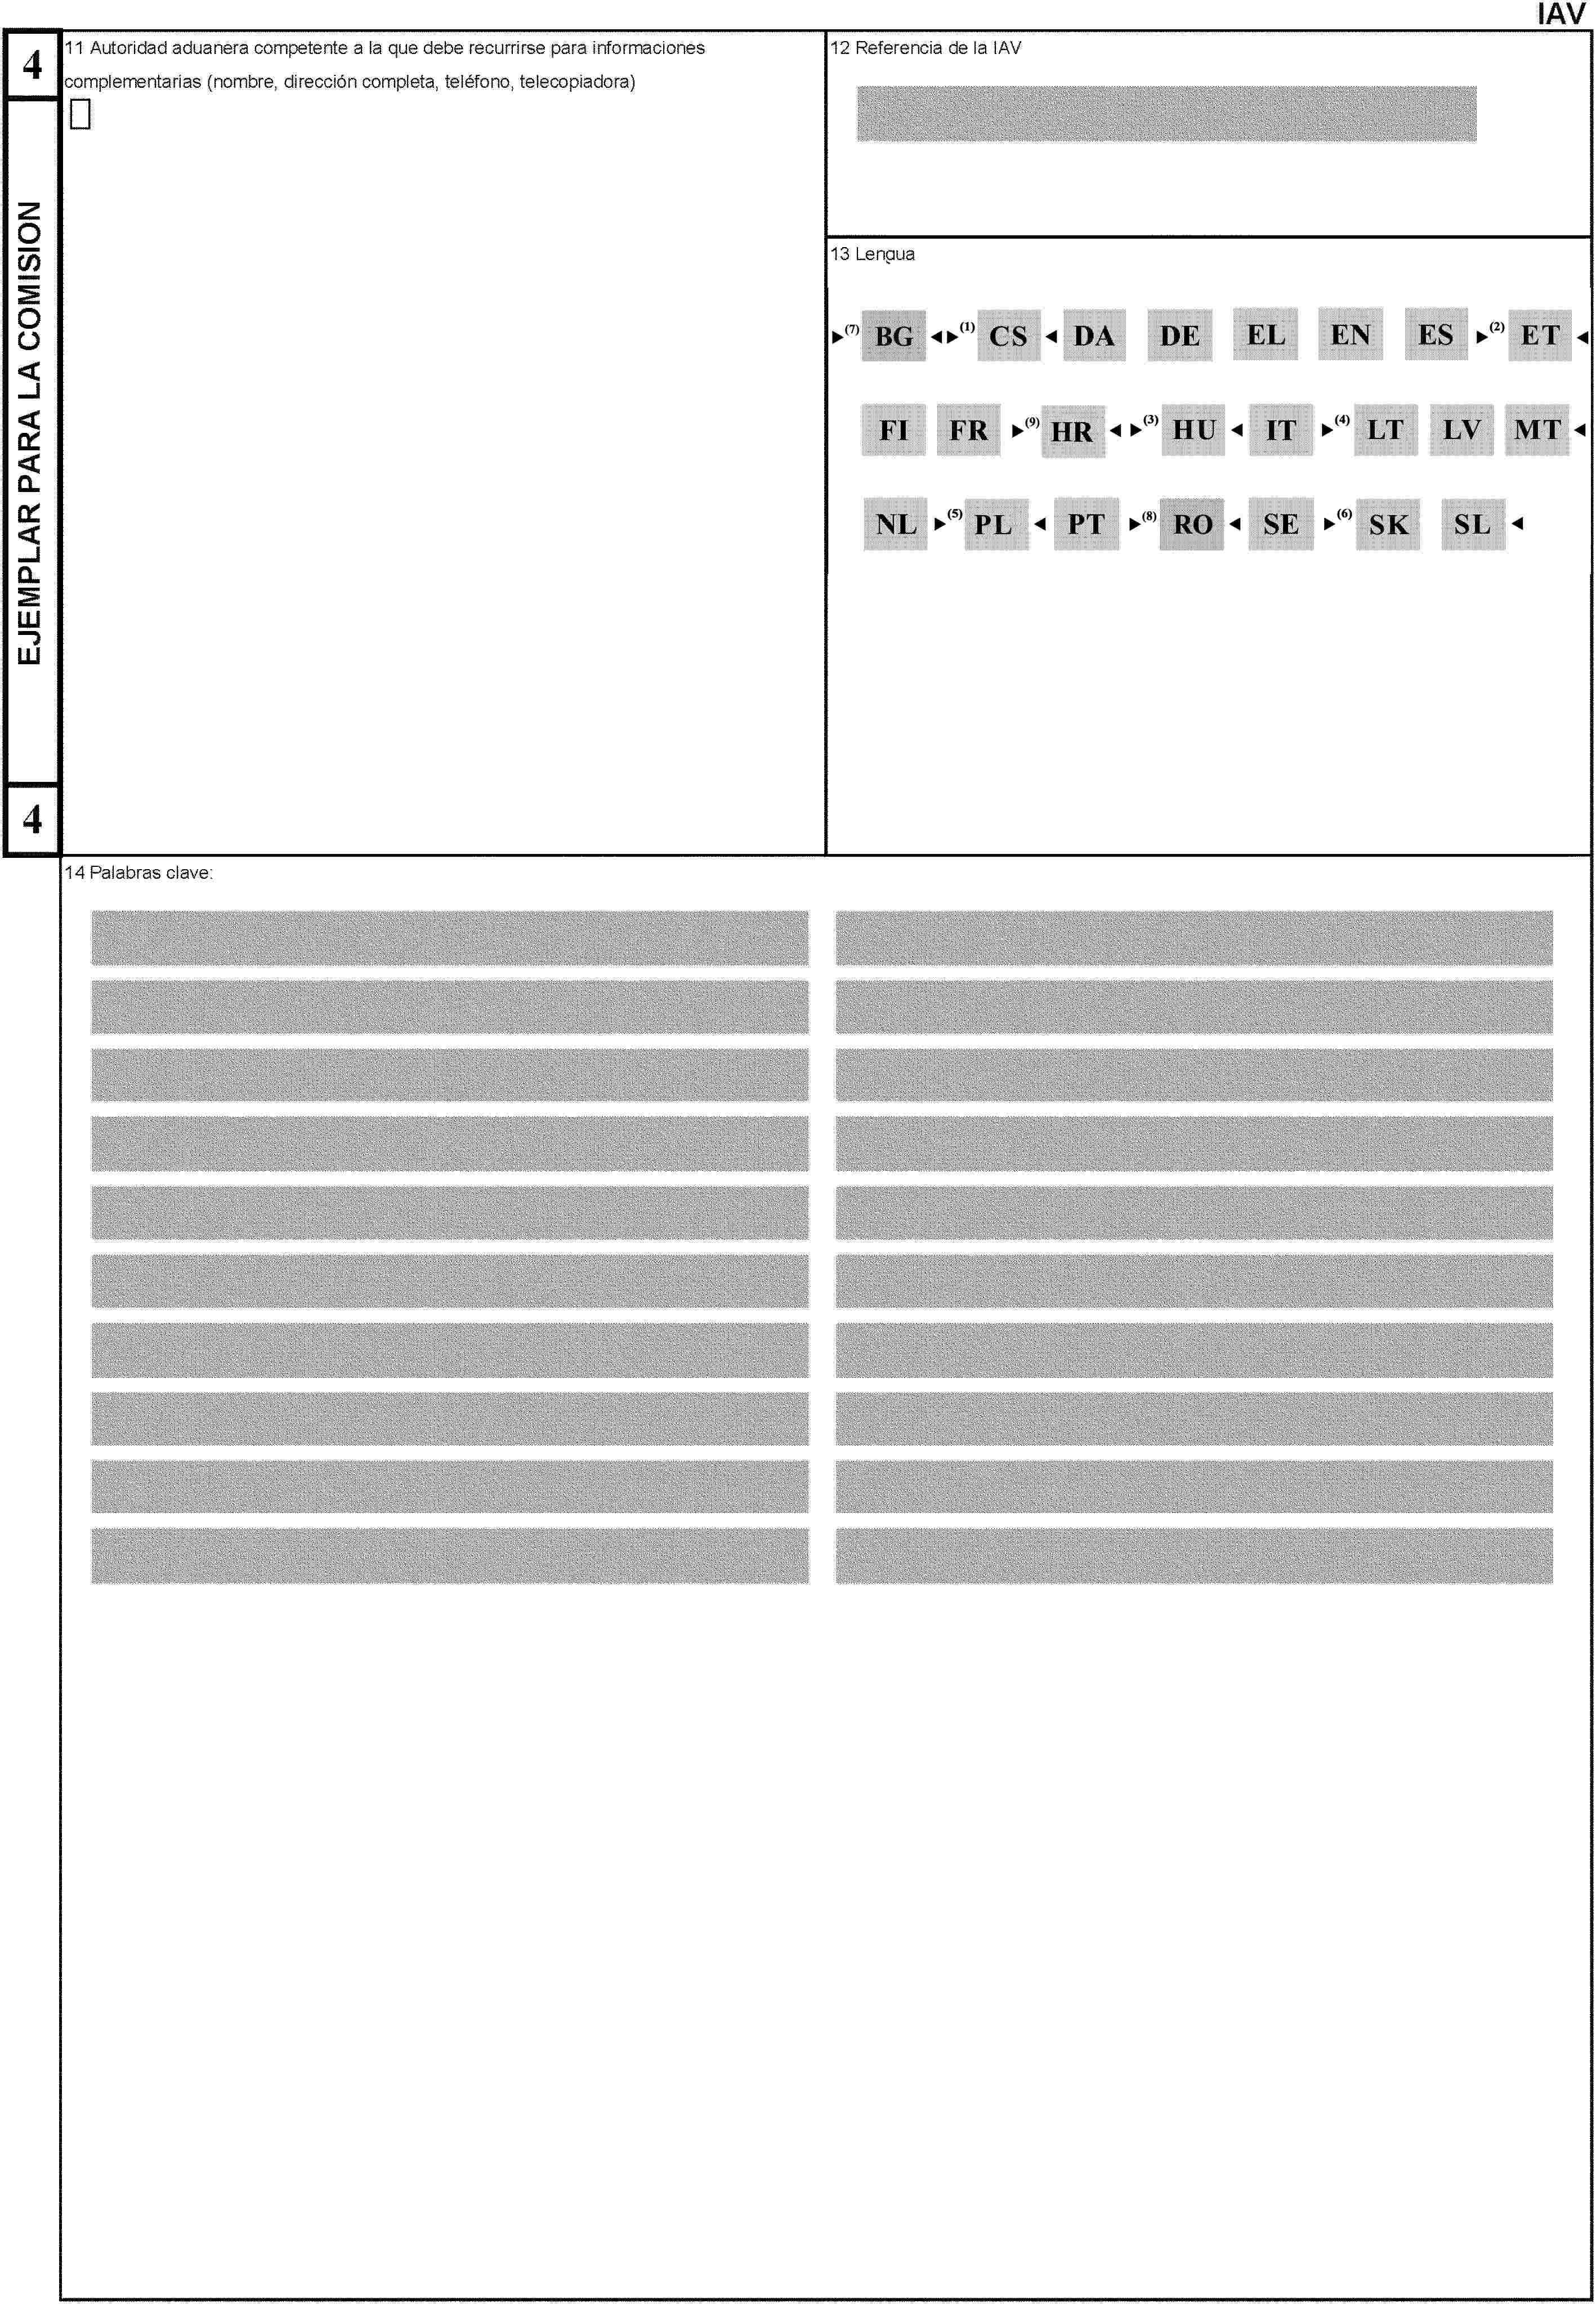 Calendario Para Imprimir Año 2017 Más Reciente Eur Lex R2454 En Eur Lex Of Calendario Para Imprimir Año 2017 Mejores Y Más Novedosos La Clase De Reli Cuaresma